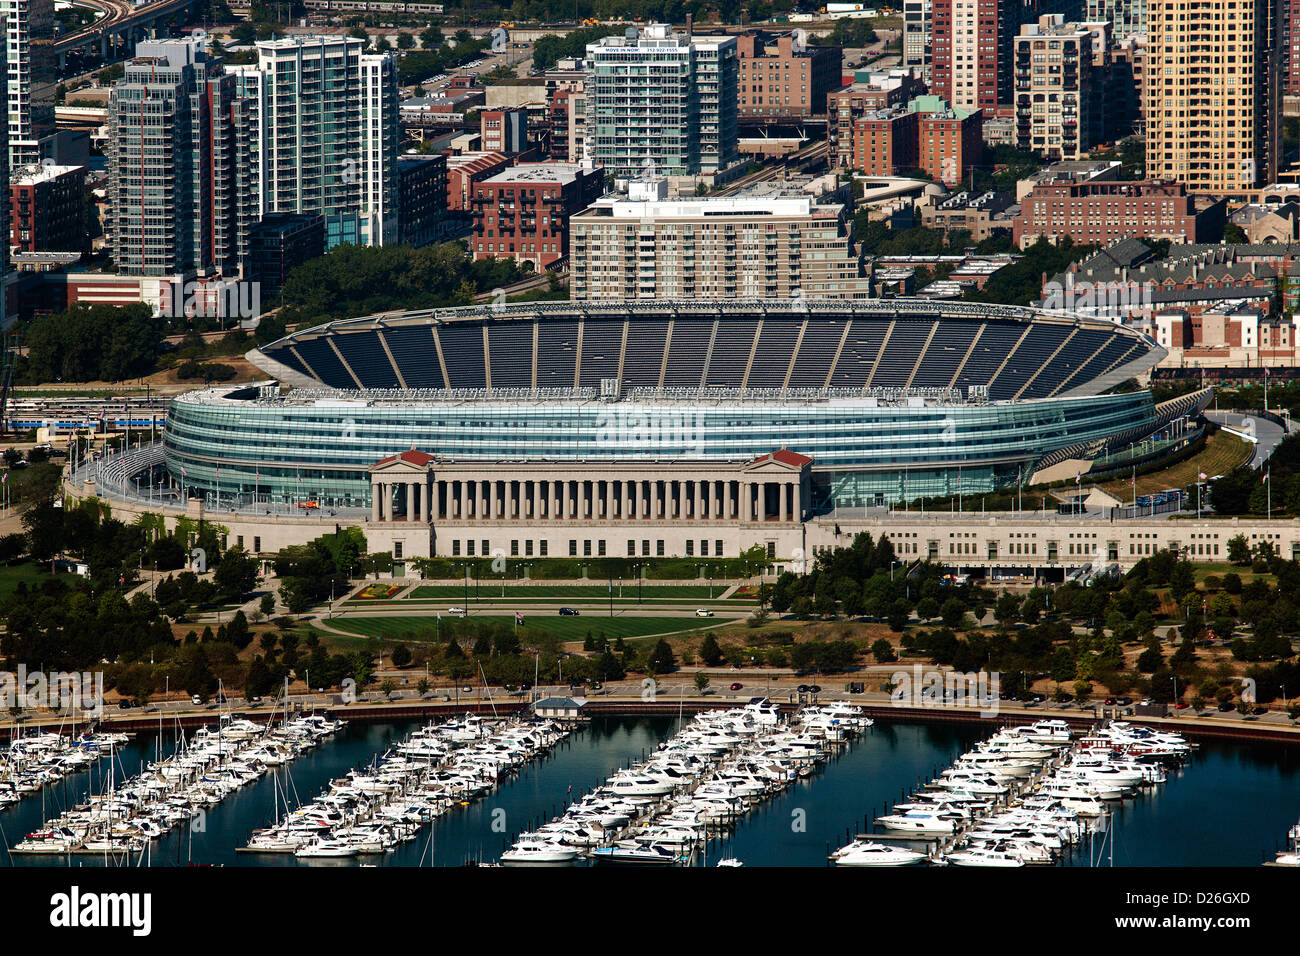 Fotografía aérea del Soldier Field, Chicago, Illinois Imagen De Stock